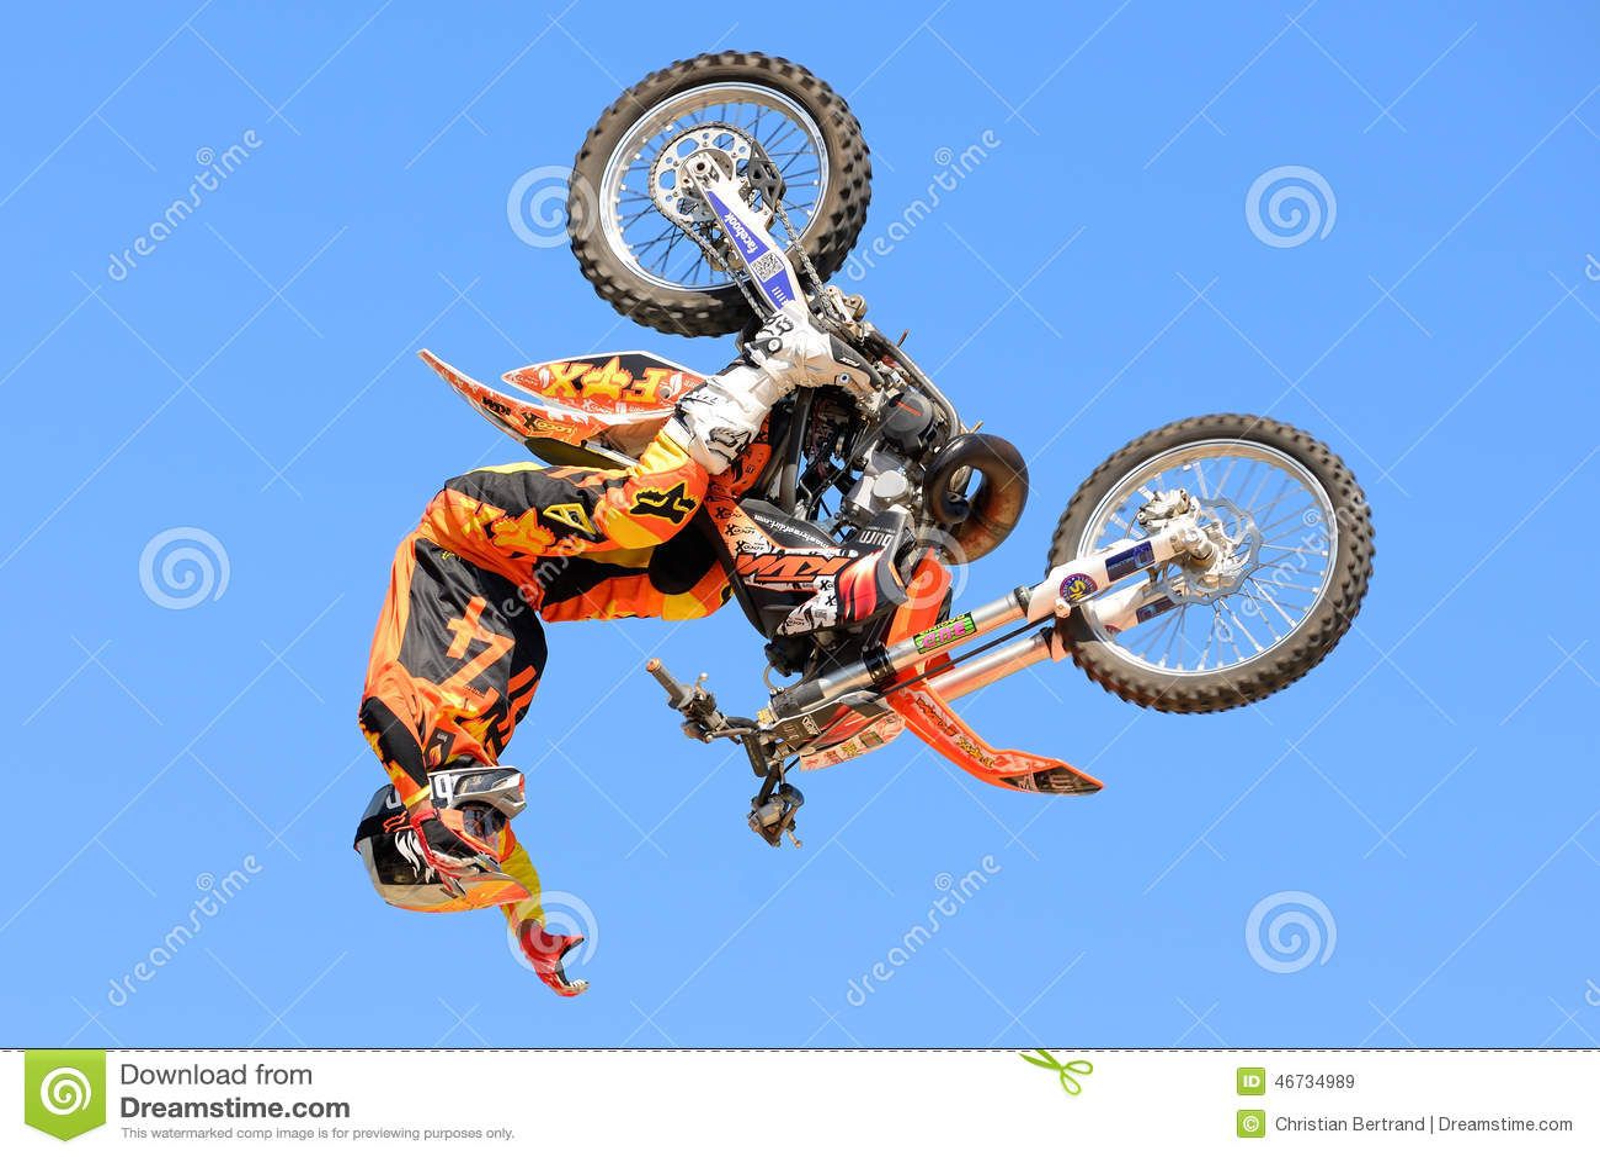 Un Jinete Profesional En La Competencia De Fmx Motocros Del Estilo